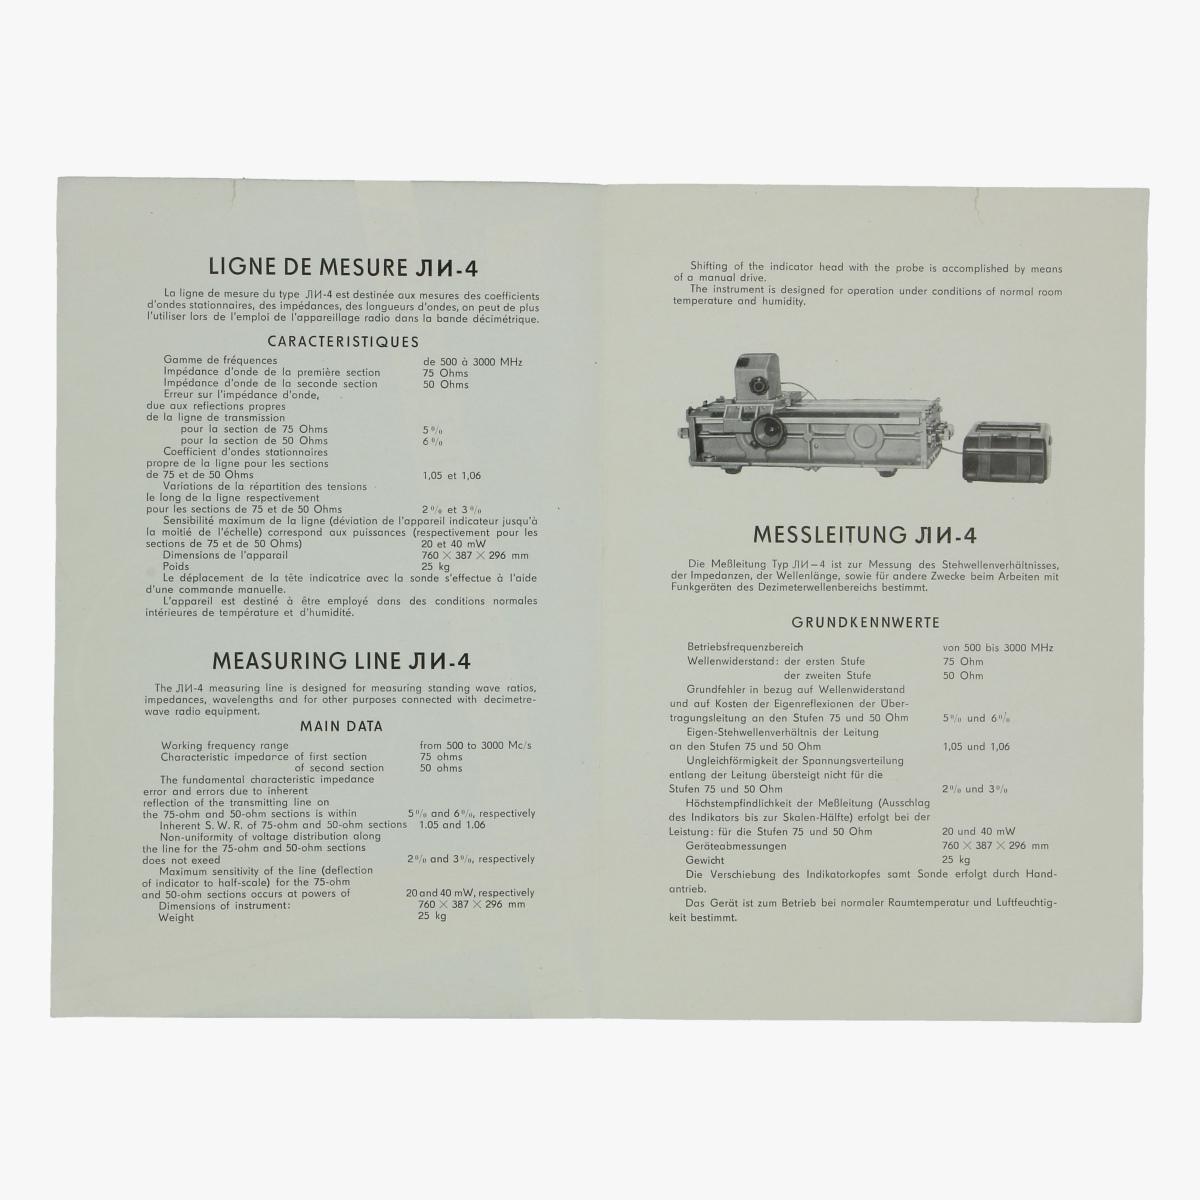 Afbeeldingen van expo 58 folder meet apparatuur urss